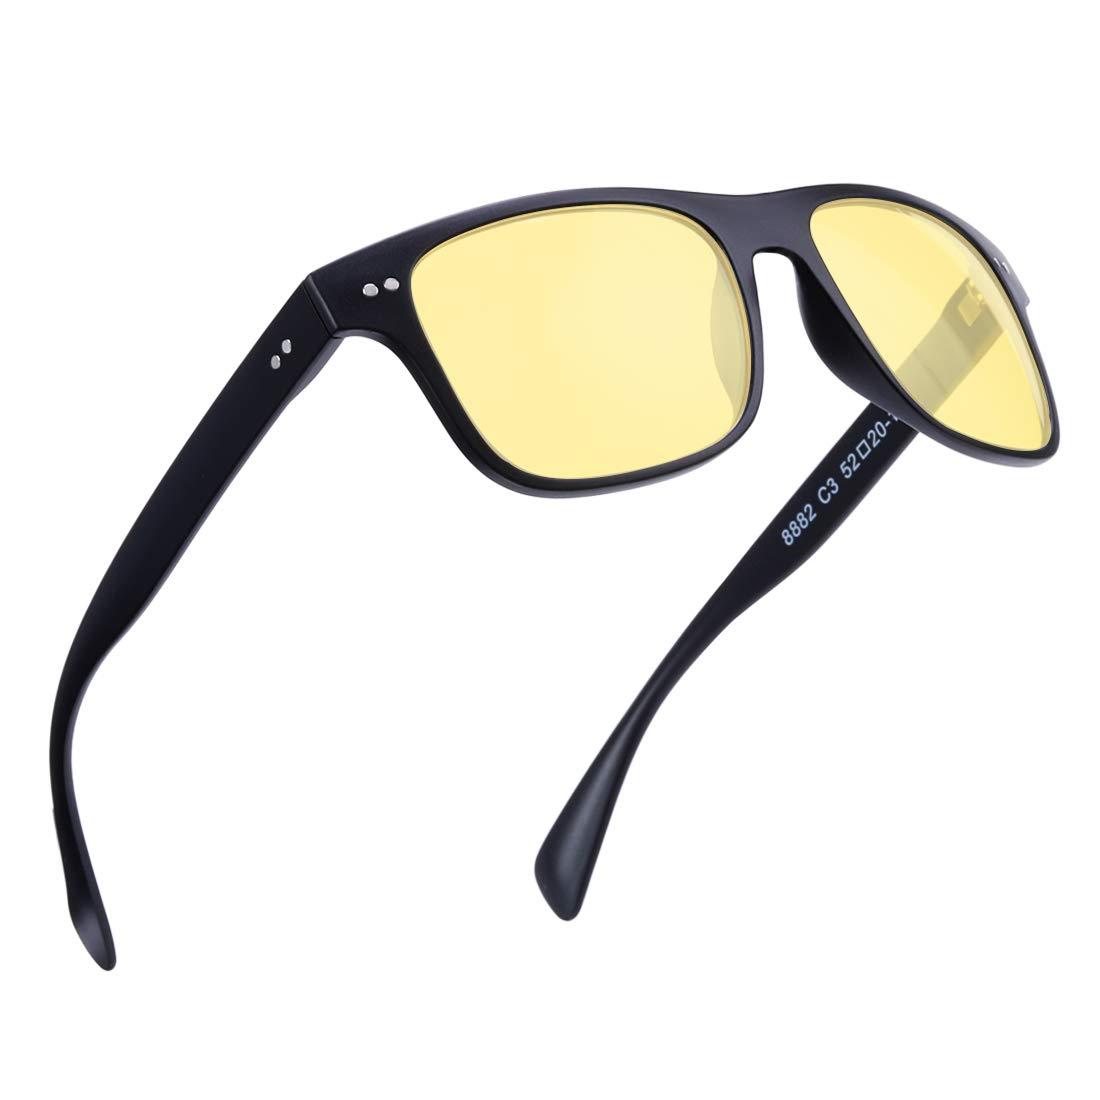 Black  Night Vision Lens BRUWEN Night Driving Glasses Wayfarer Sunglasses for Men Women Polarized Uv Predection Hd Lens,UltraLight Fashion Square